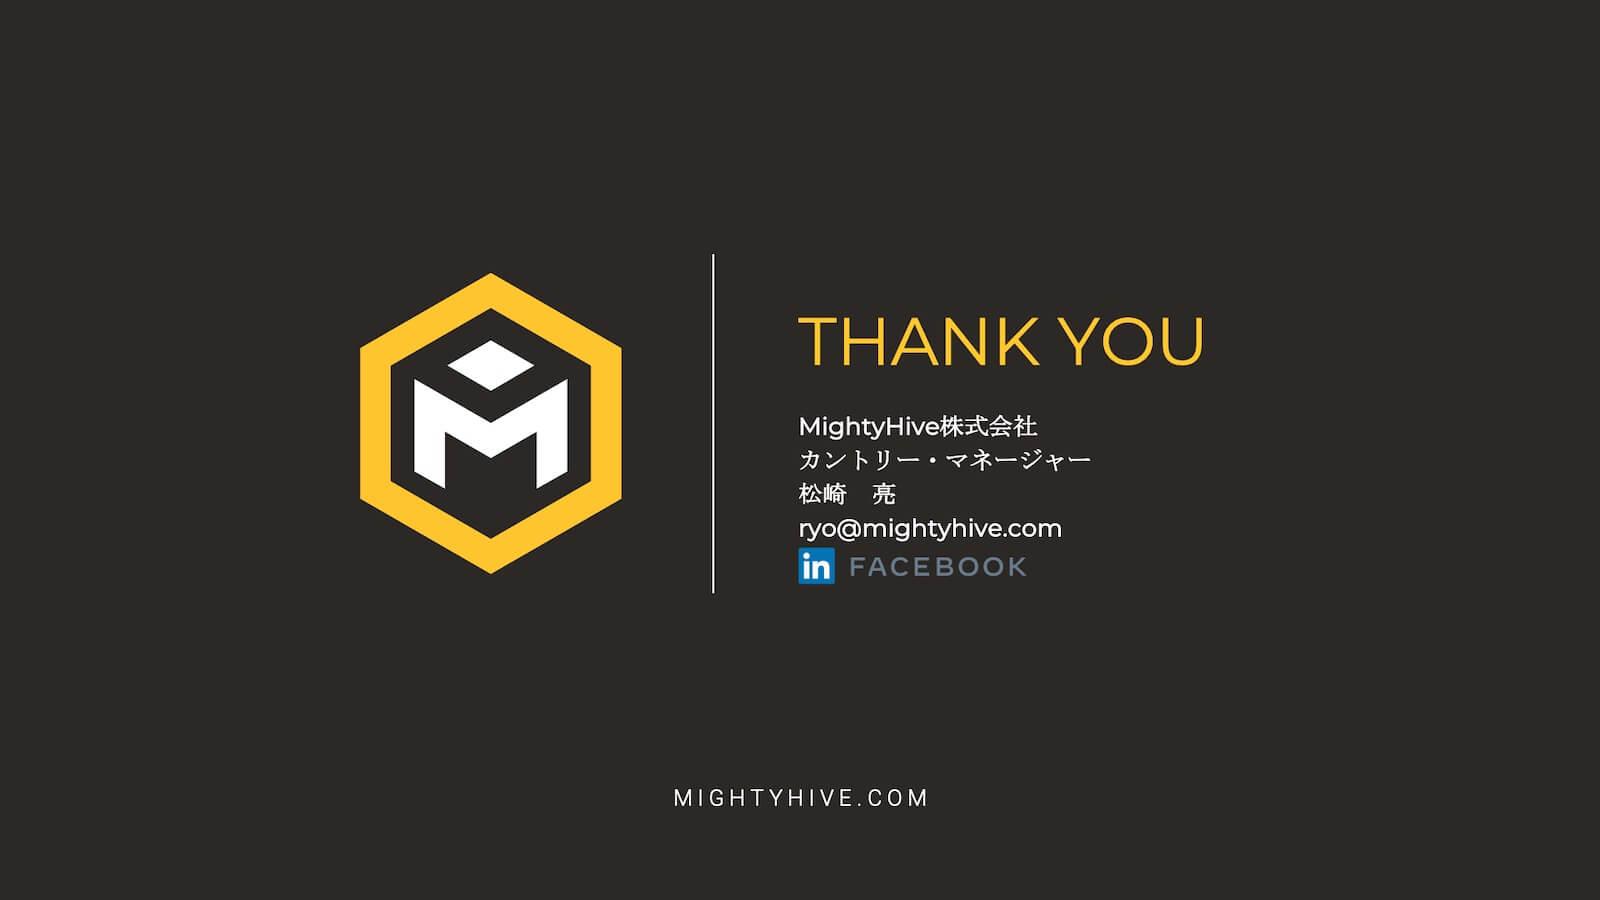 MightyHive_ご連絡先